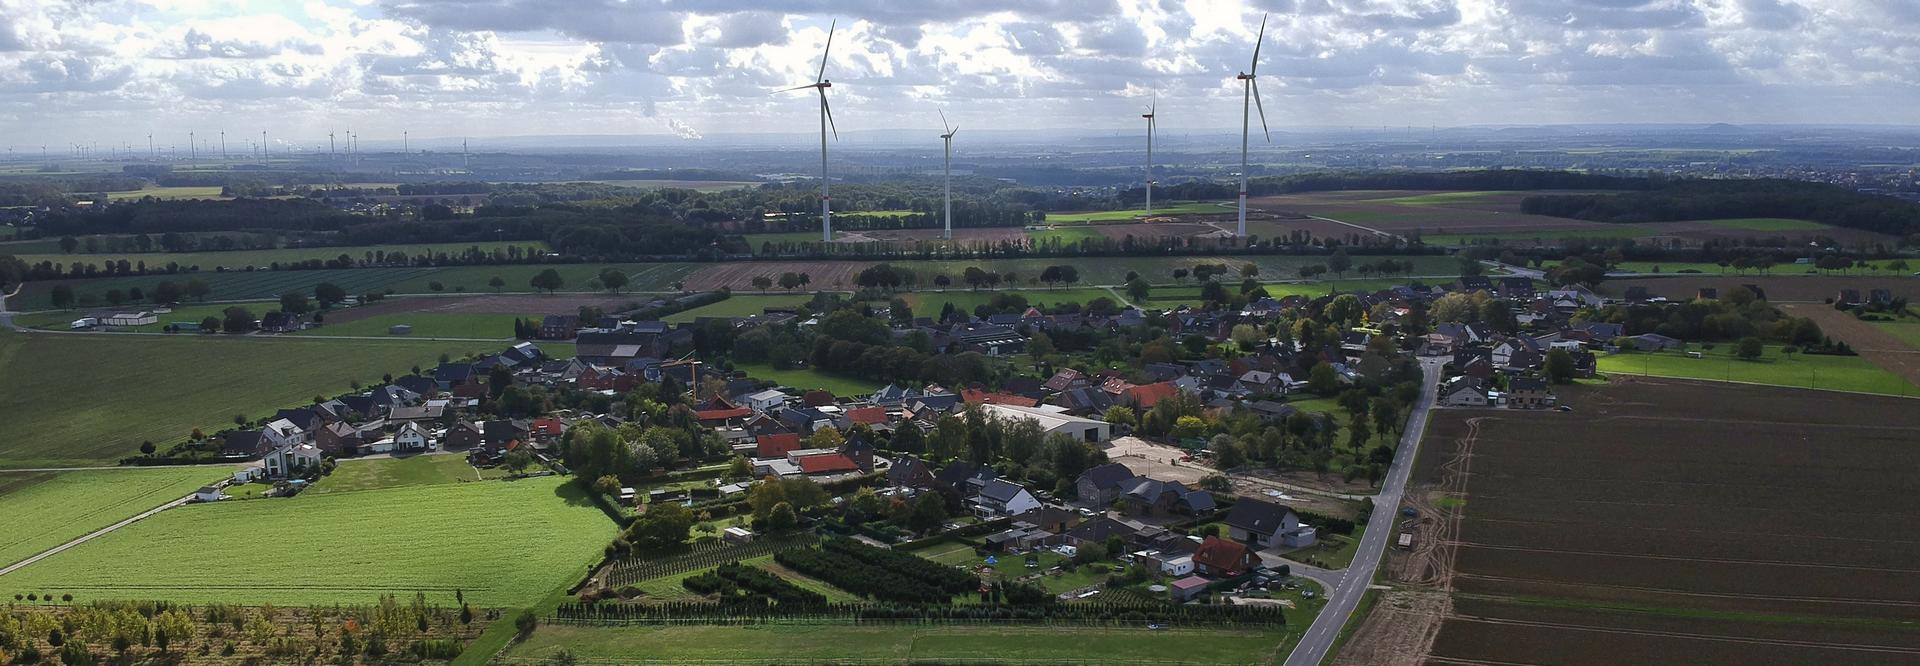 Houverath - ein Dorf in NRW